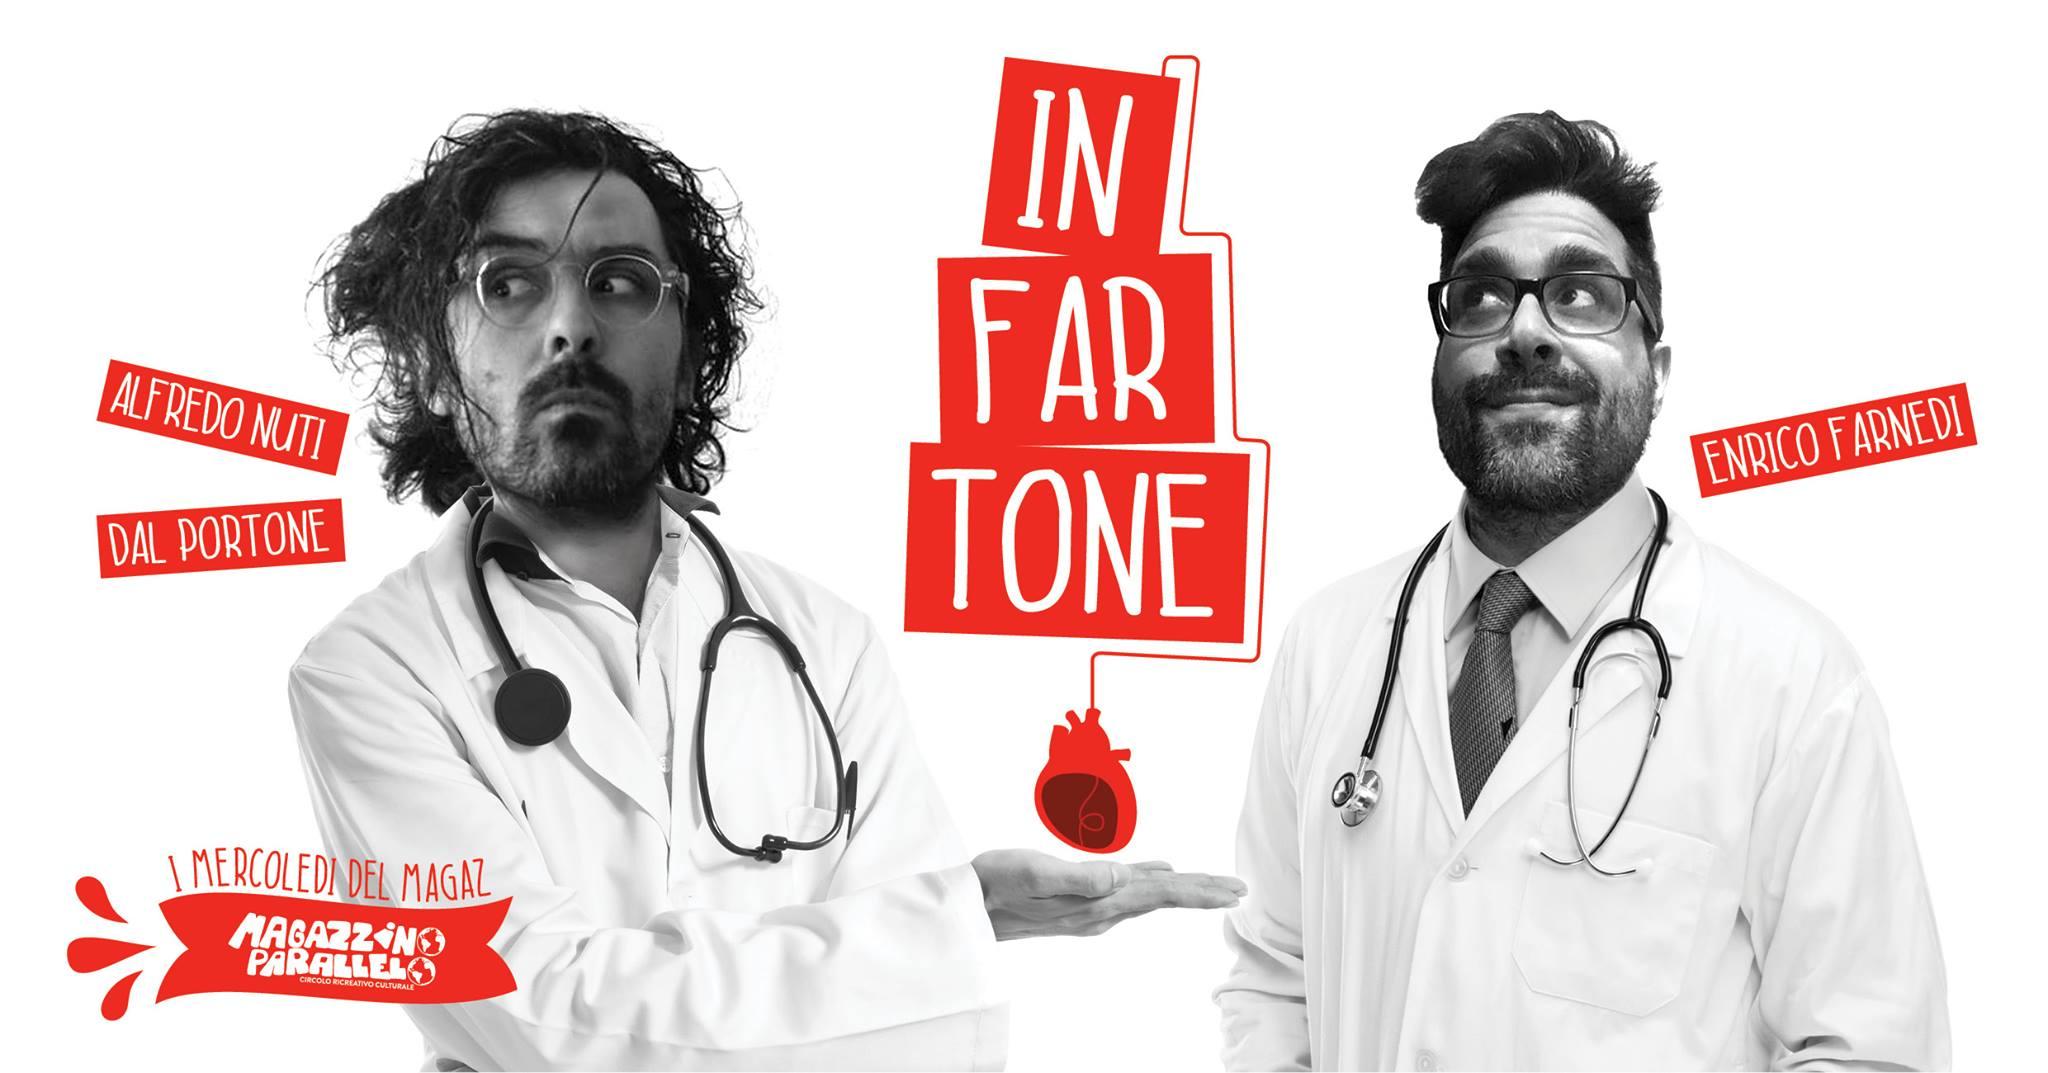 InFarTone live duo: Farnedi & Portone / at Magazzino Parallelo